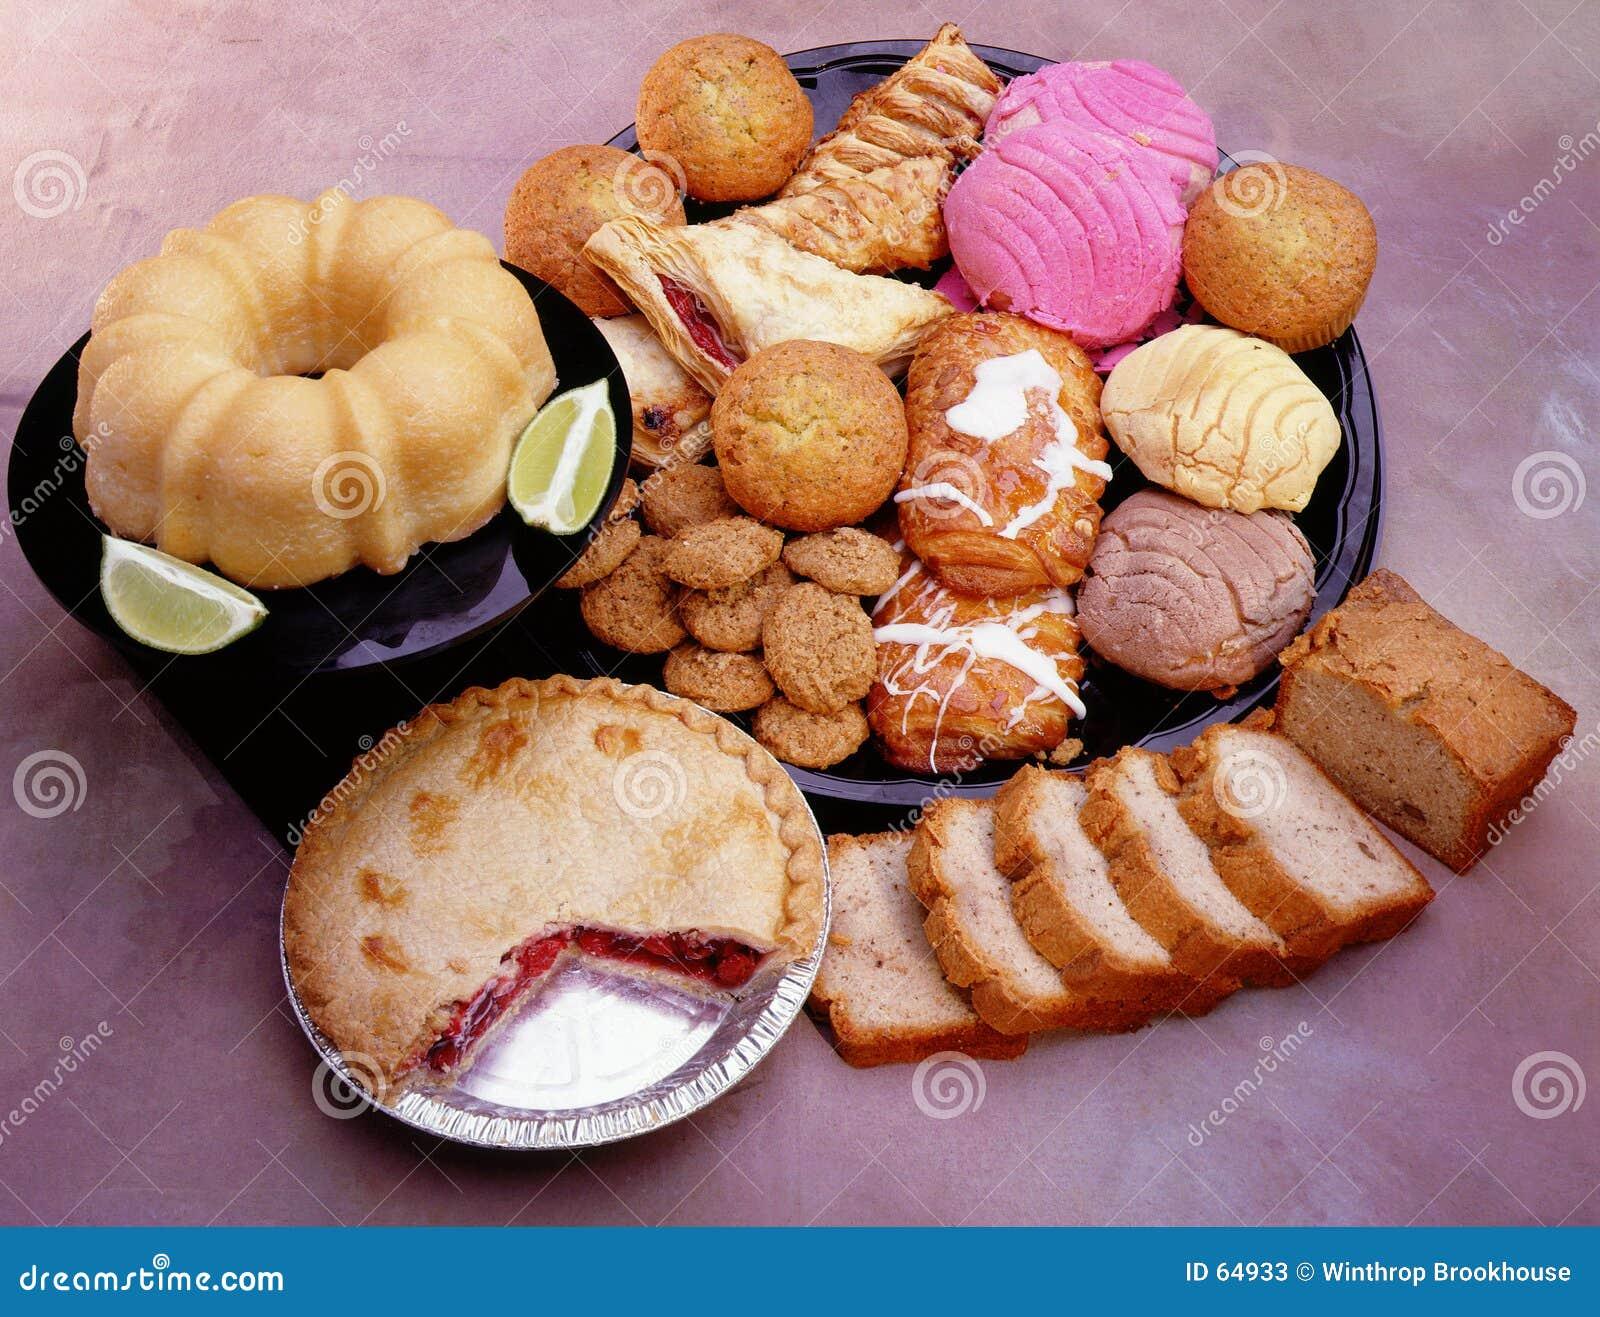 Articles de boulangerie